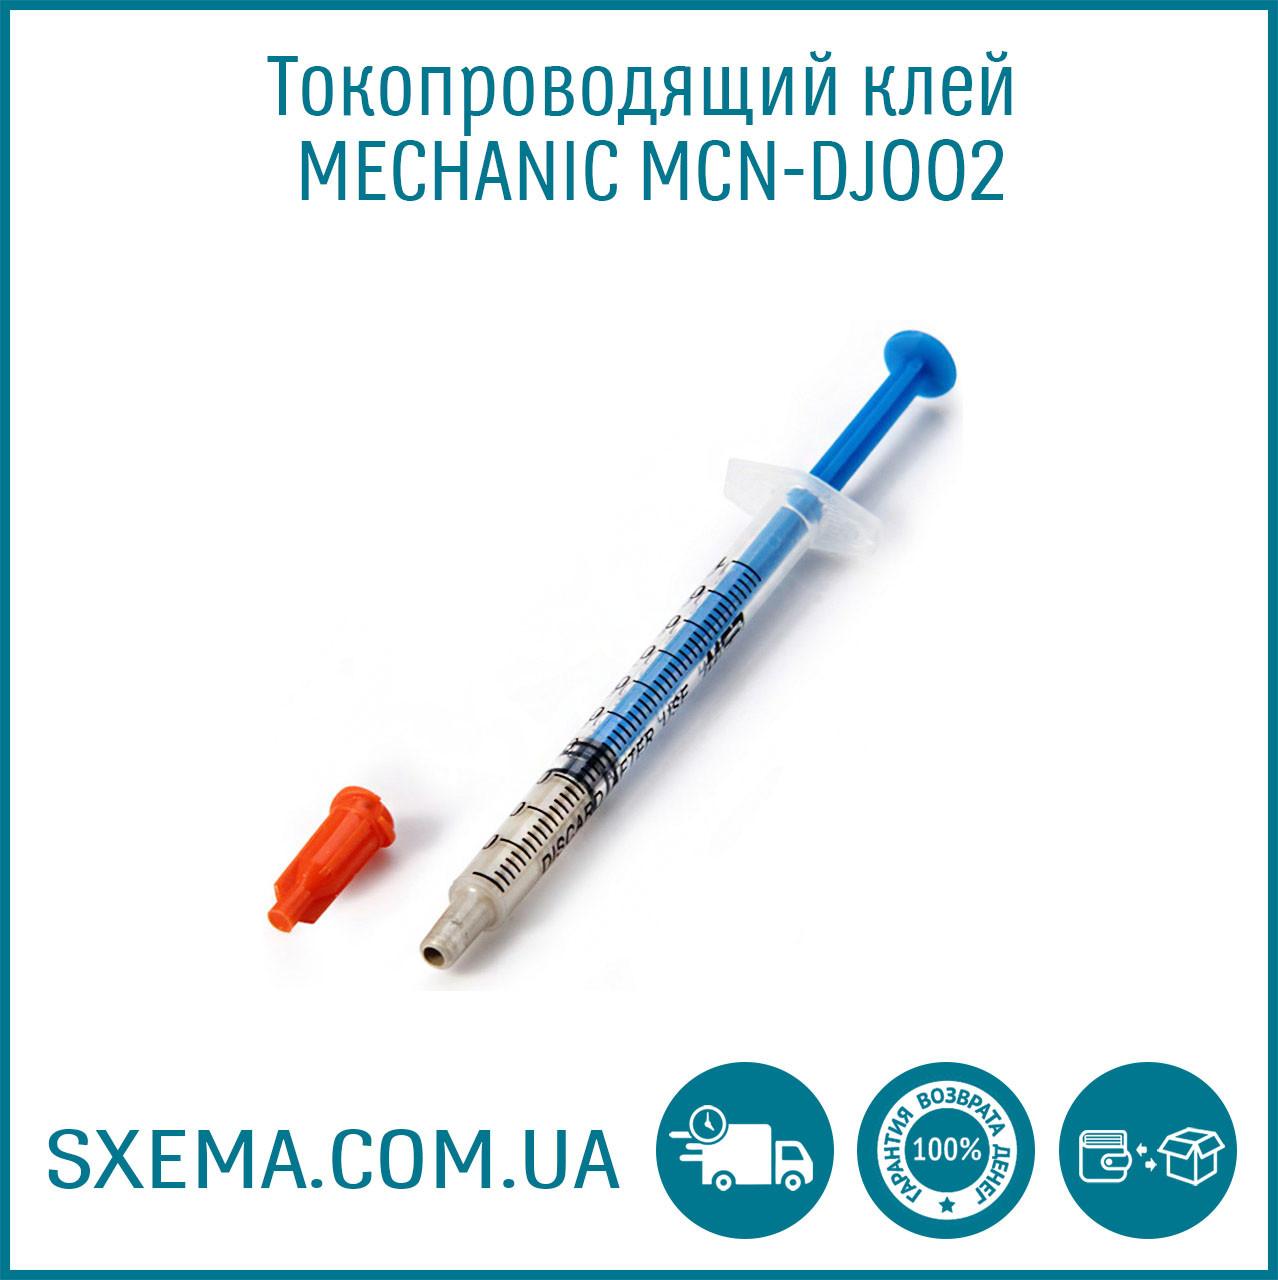 Токопроводящий клей MECHANIC MCN-DJ002 1мл